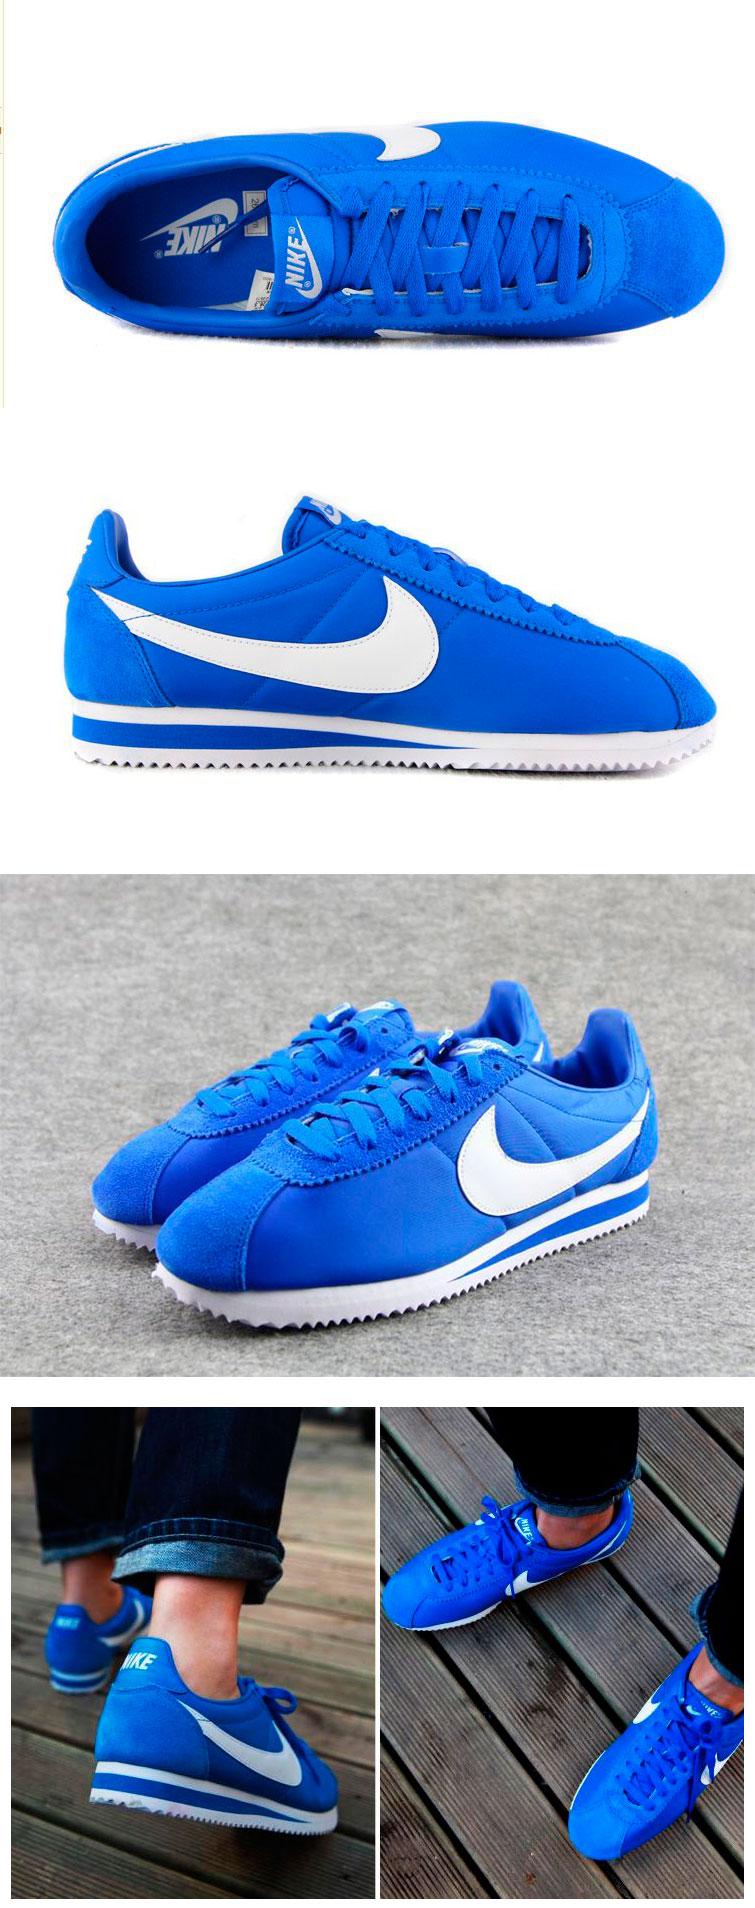 большое фото №6 Кроссовки Nike Classic Cortez Nylon 09 Синие. Топ качество!